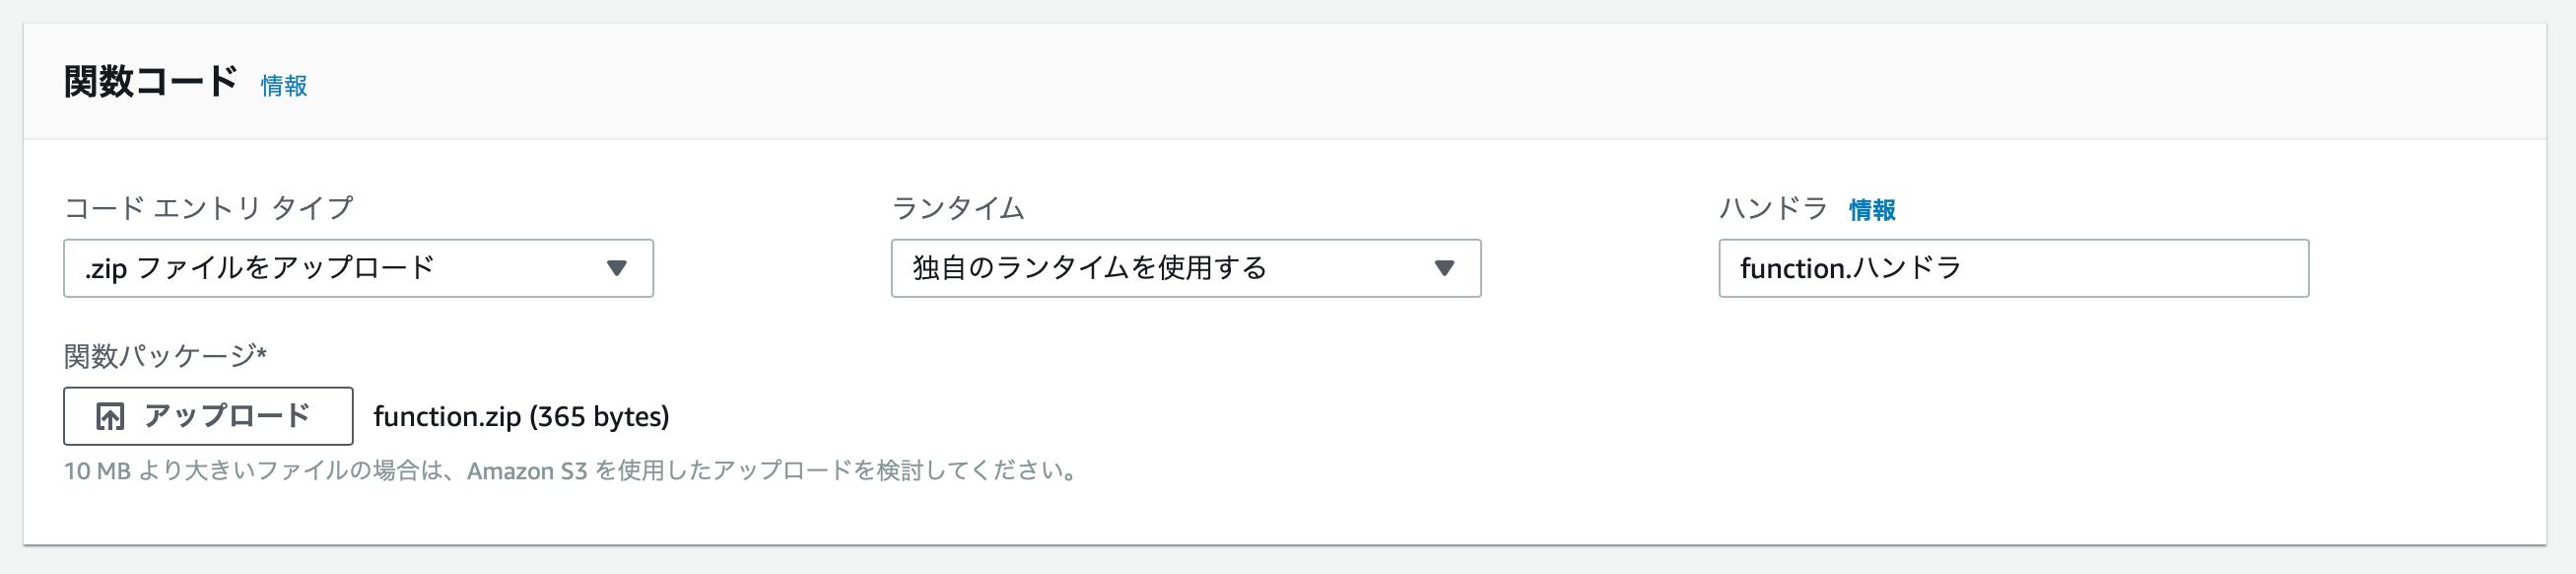 スクリーンショット 2018-12-03 0.08.46.png